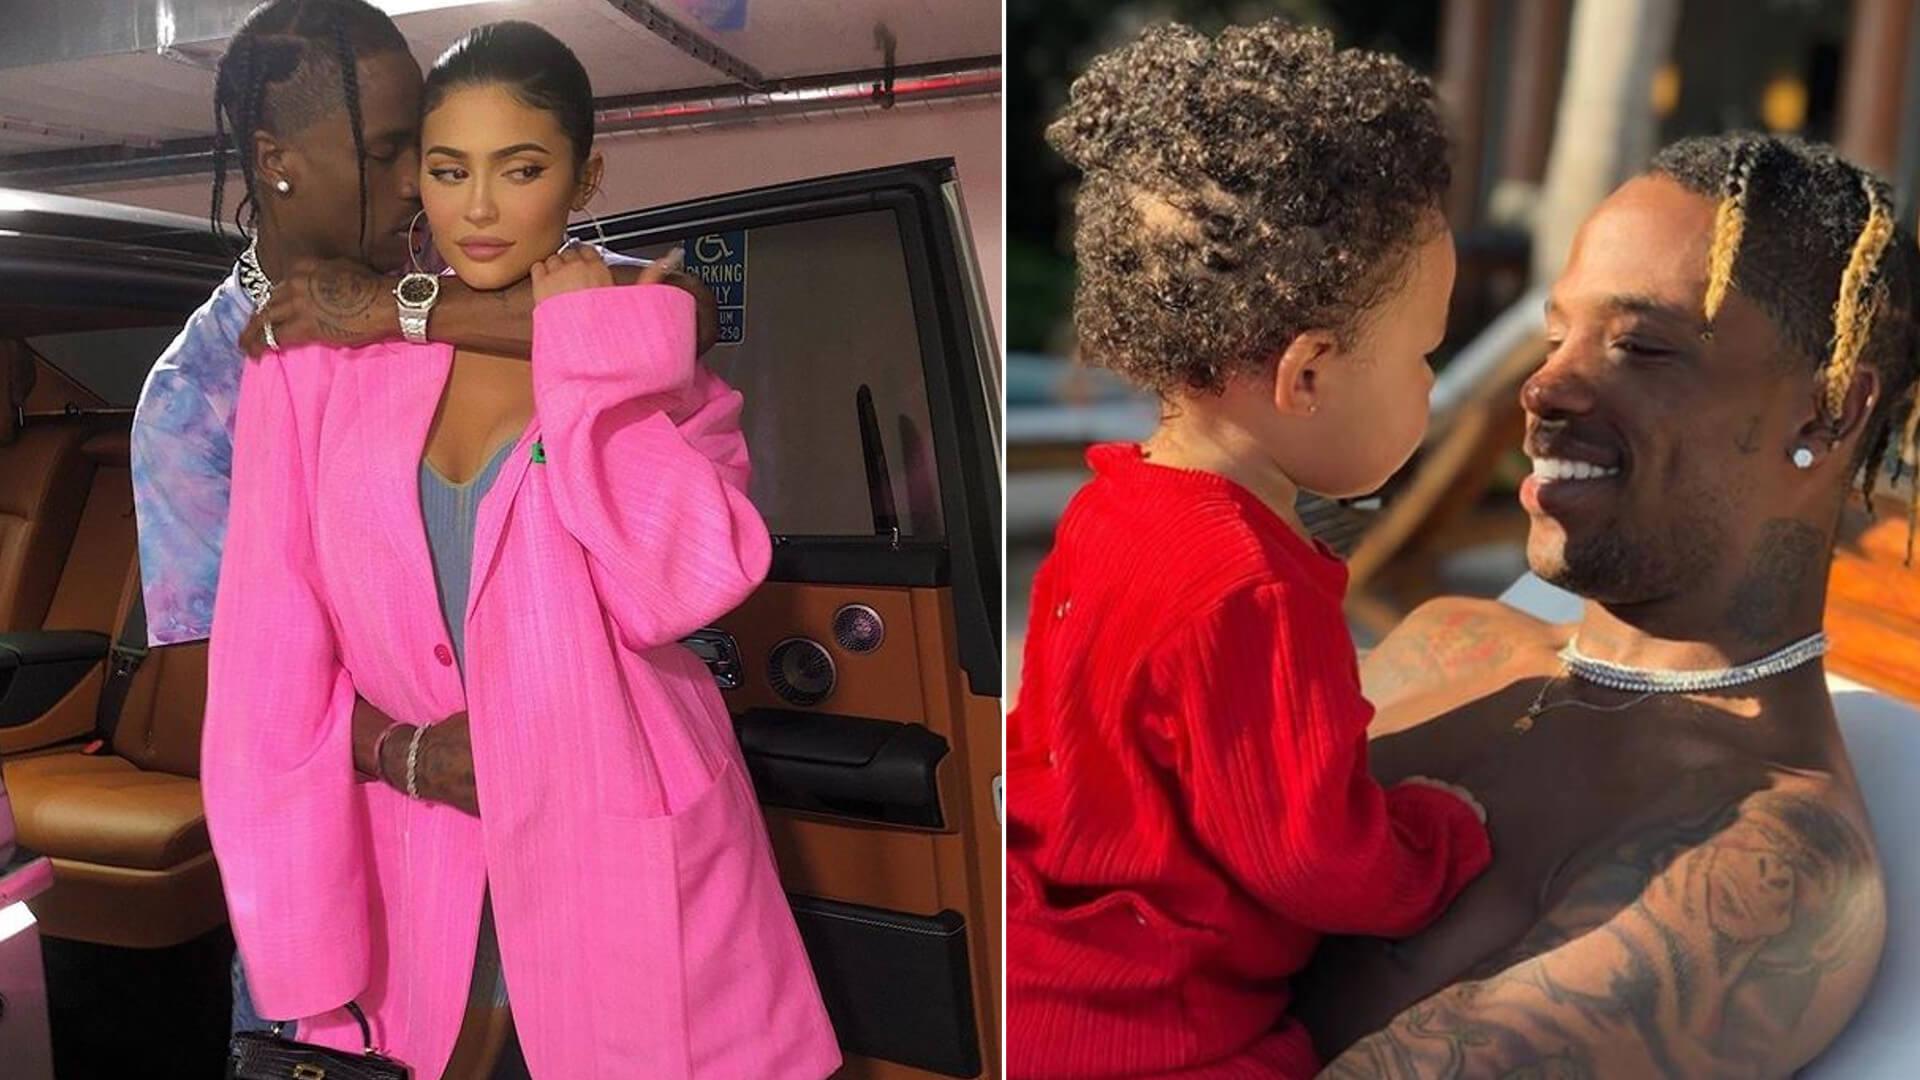 Kylie Jenner i Travis Scott wrócili do siebie! Miliarderka wspomina romantyczne chwile na Instagramie